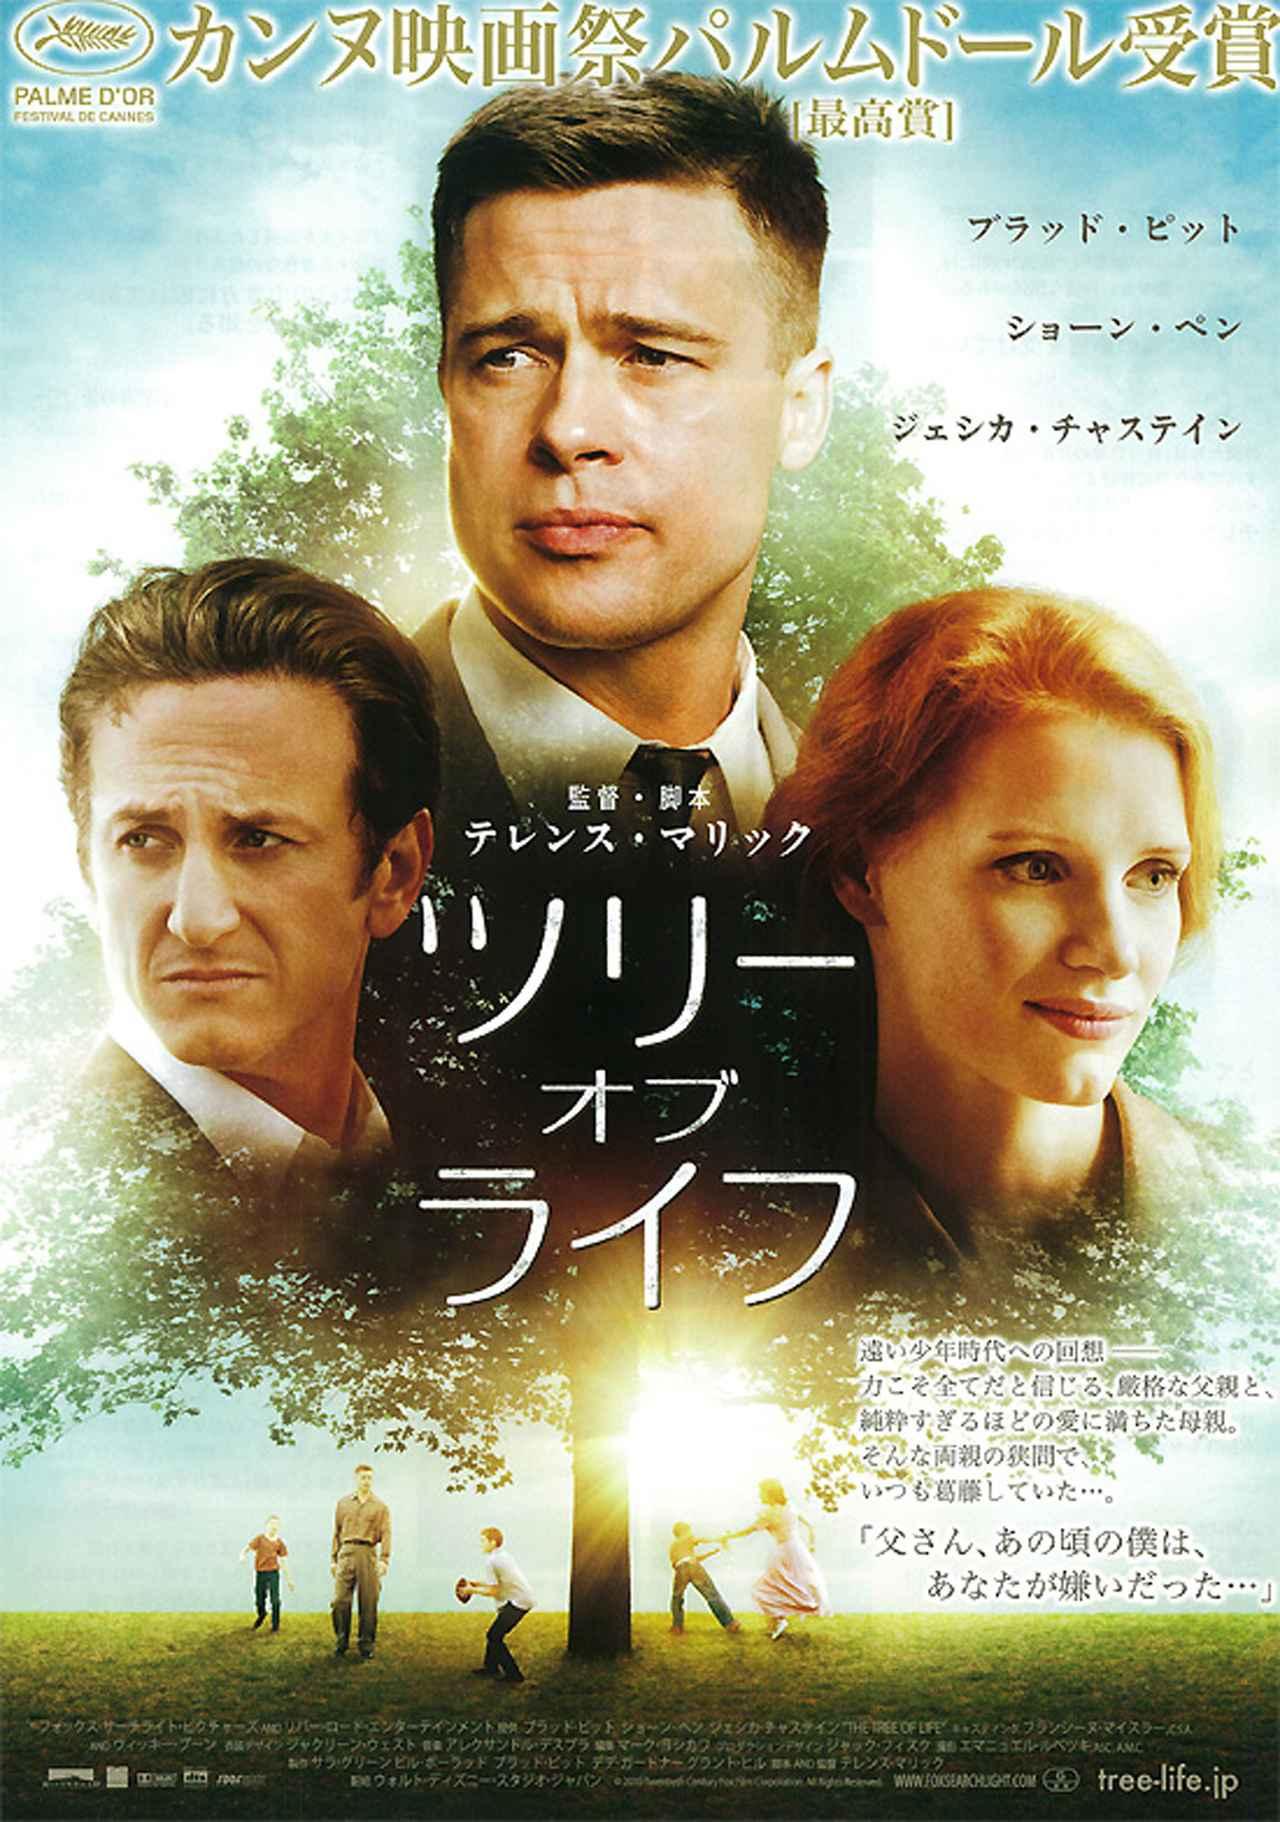 画像: http://movies.yahoo.co.jp/movie/ツリー・オブ・ライフ/338680/